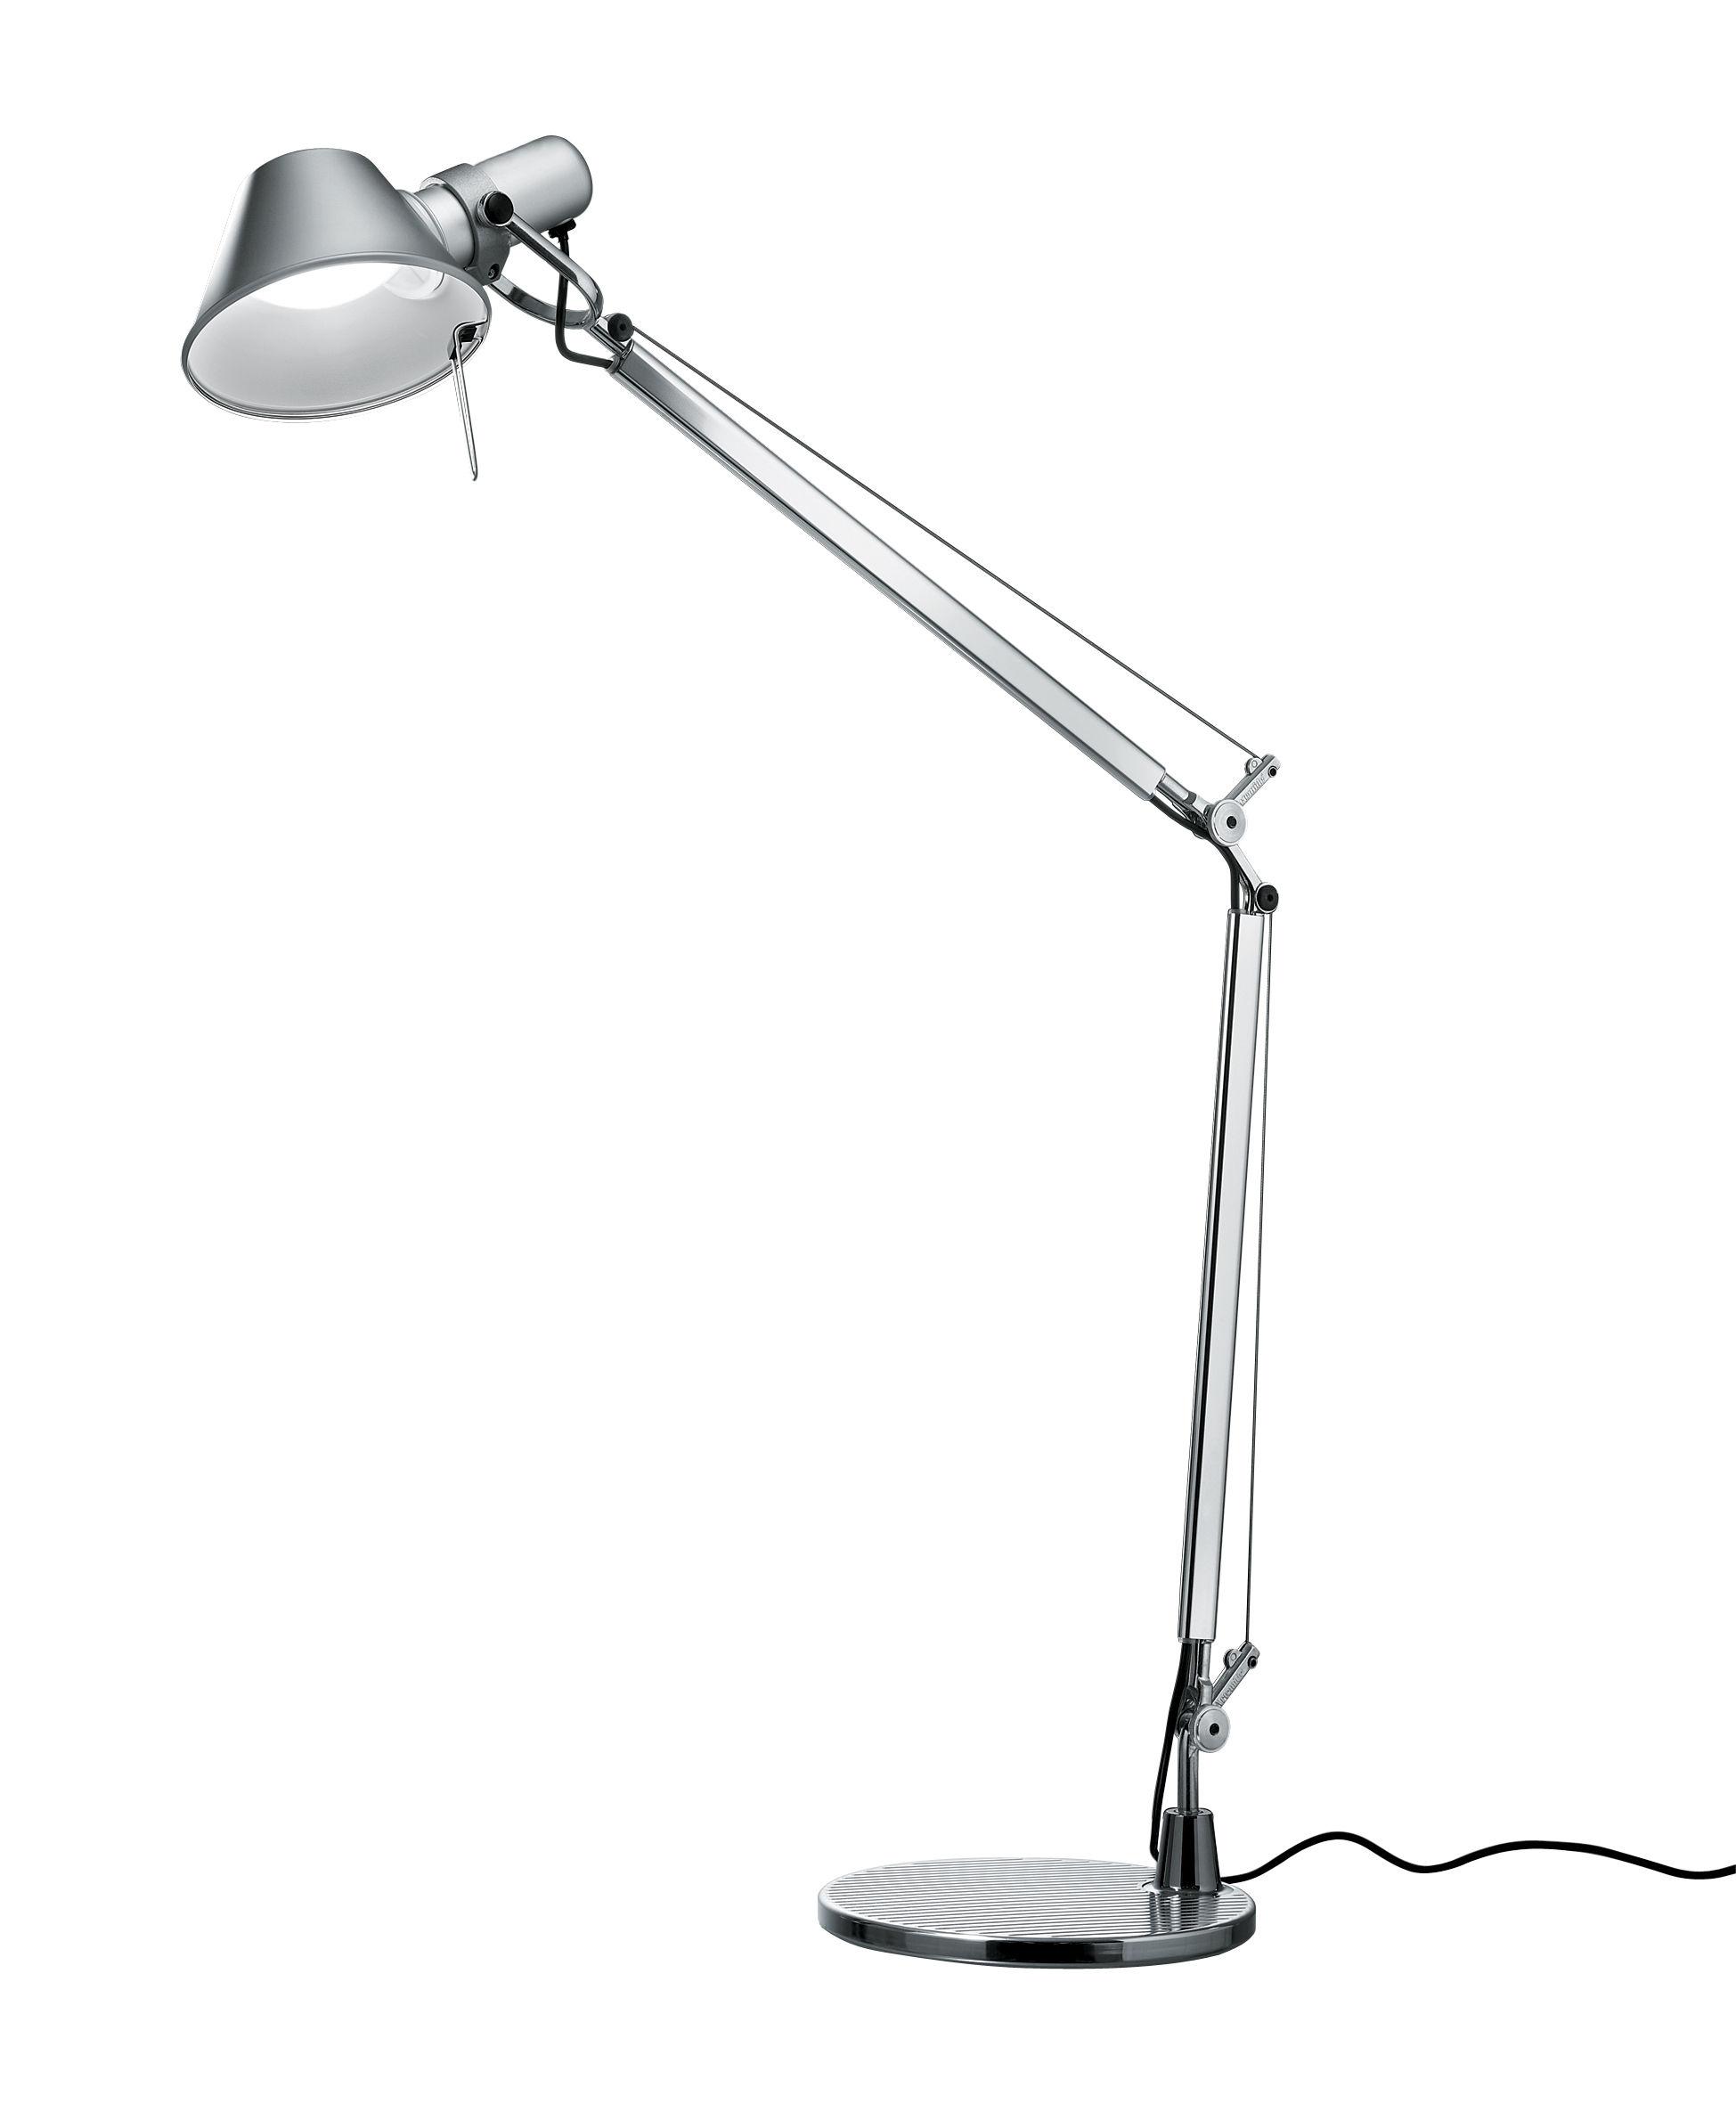 lampe de table tolomeo mini led avec d tecteur de pr sence aluminium avec capteur de. Black Bedroom Furniture Sets. Home Design Ideas